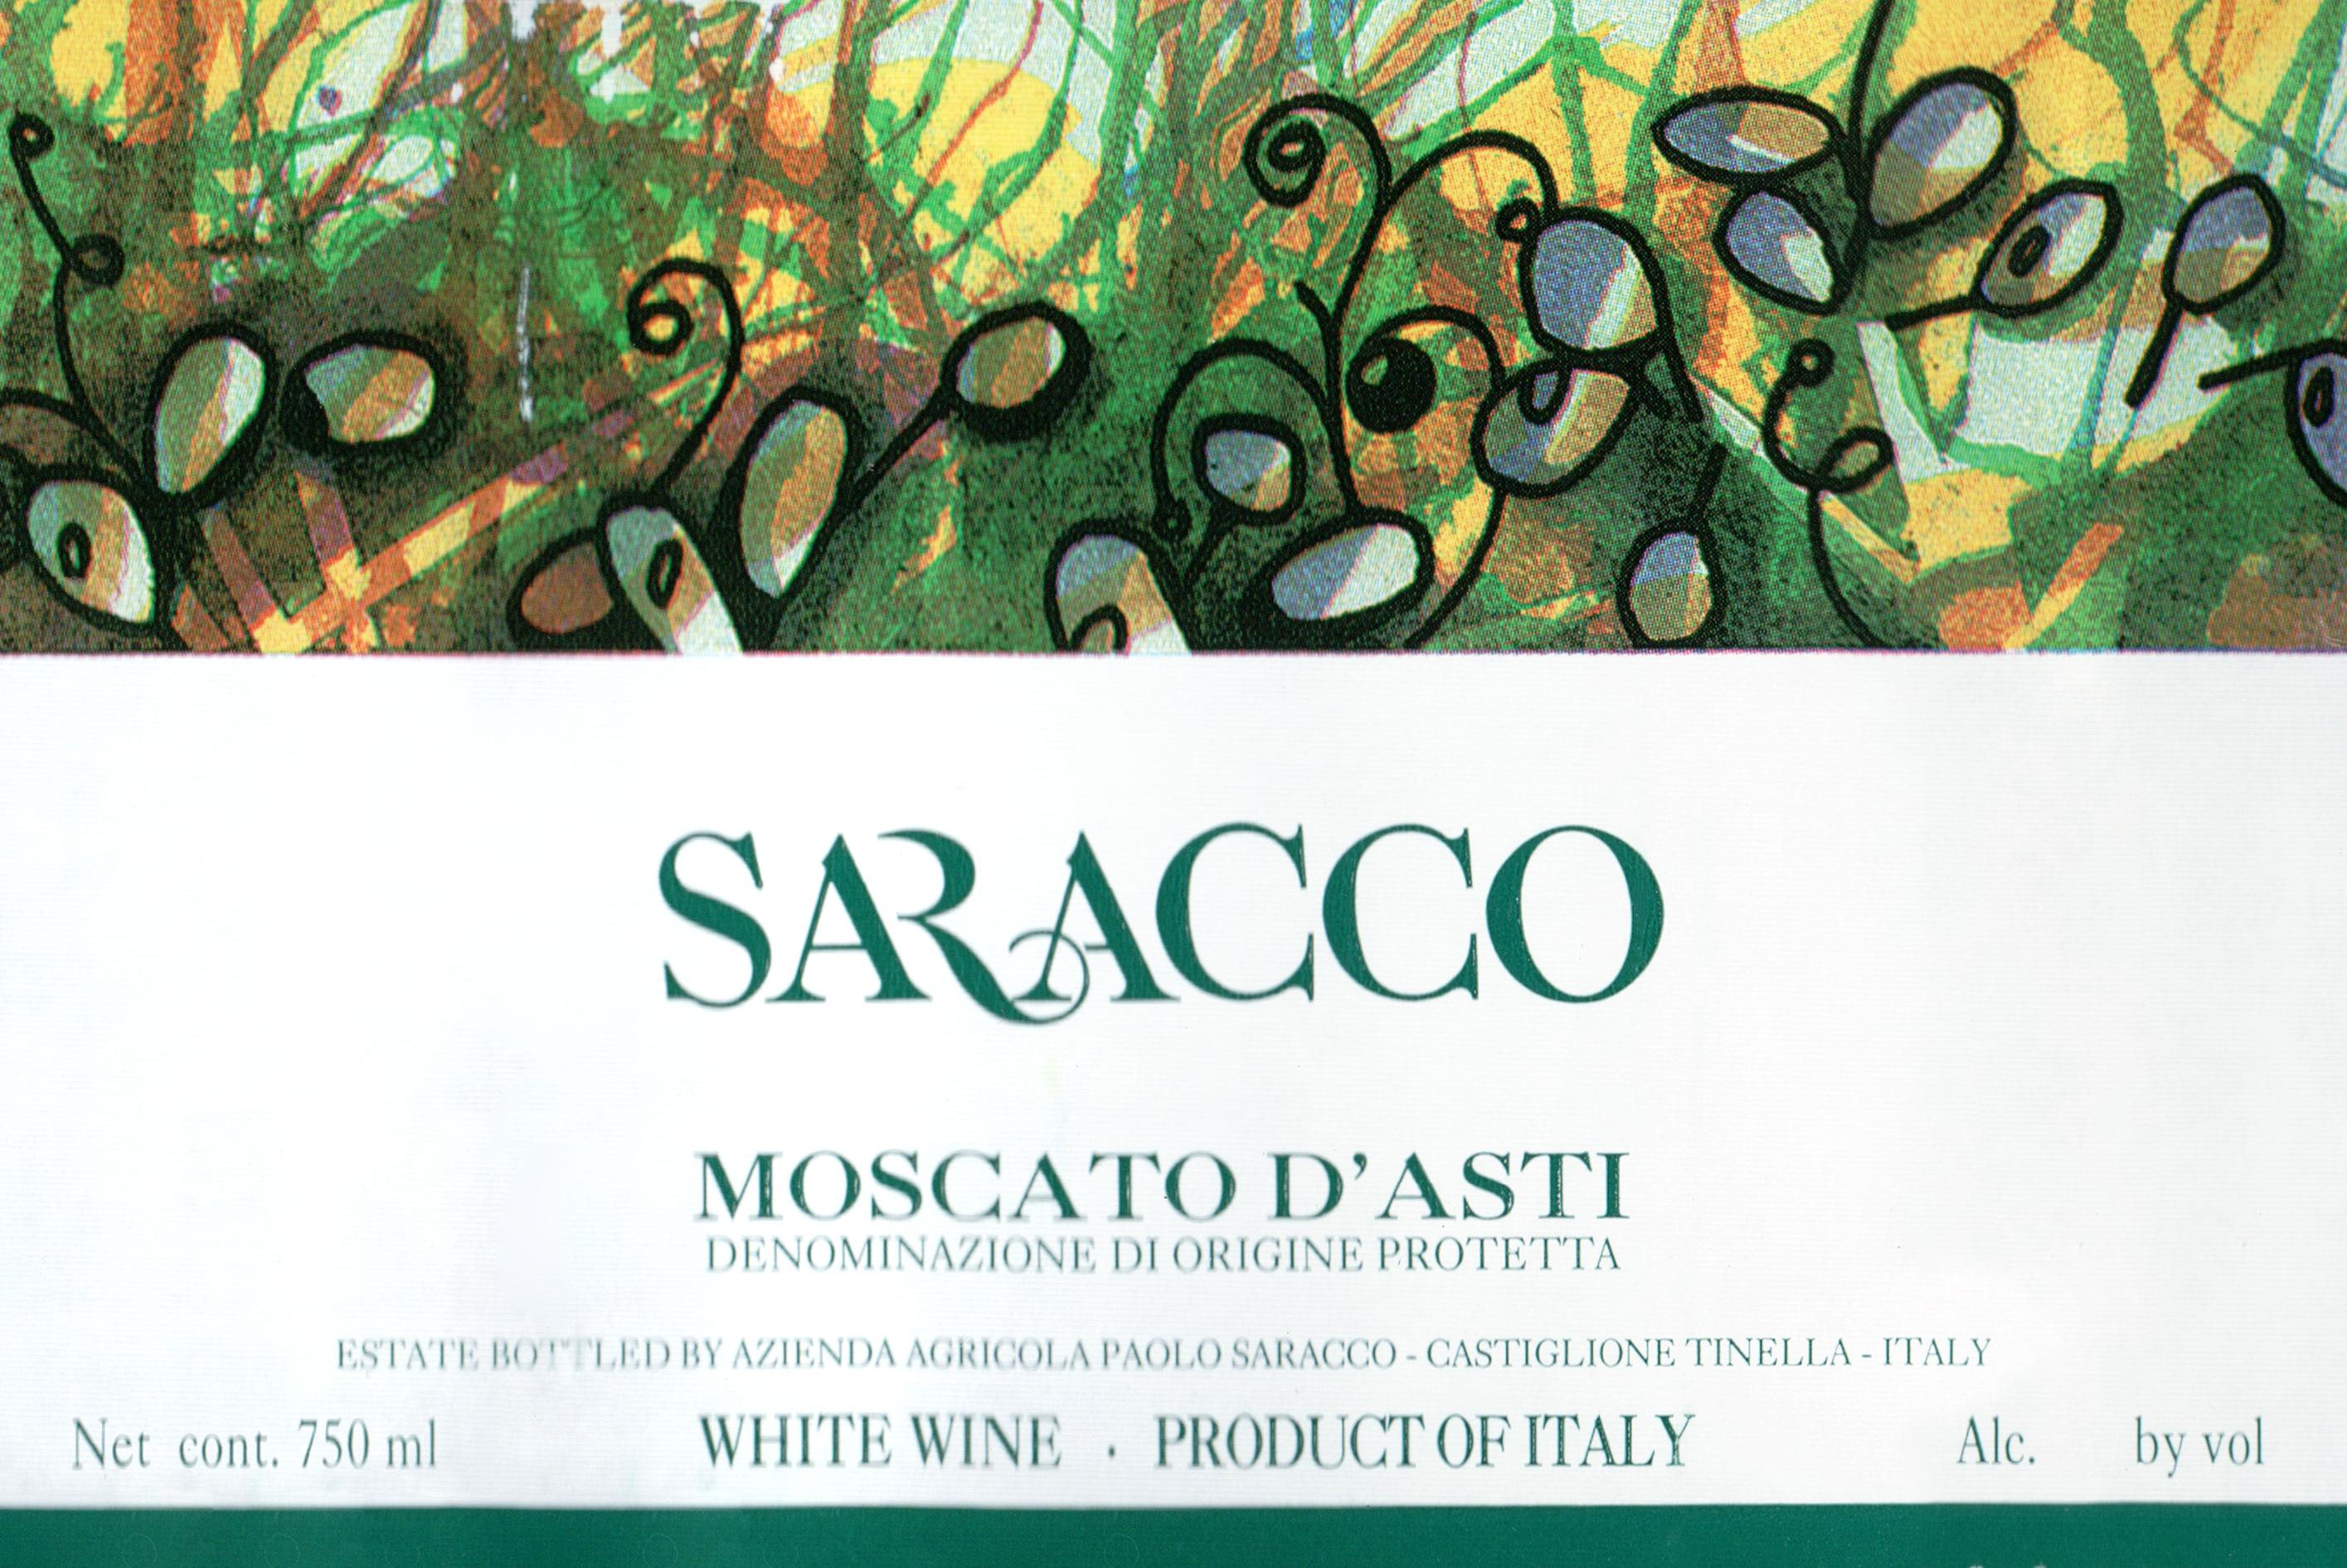 Saracco Moscato D